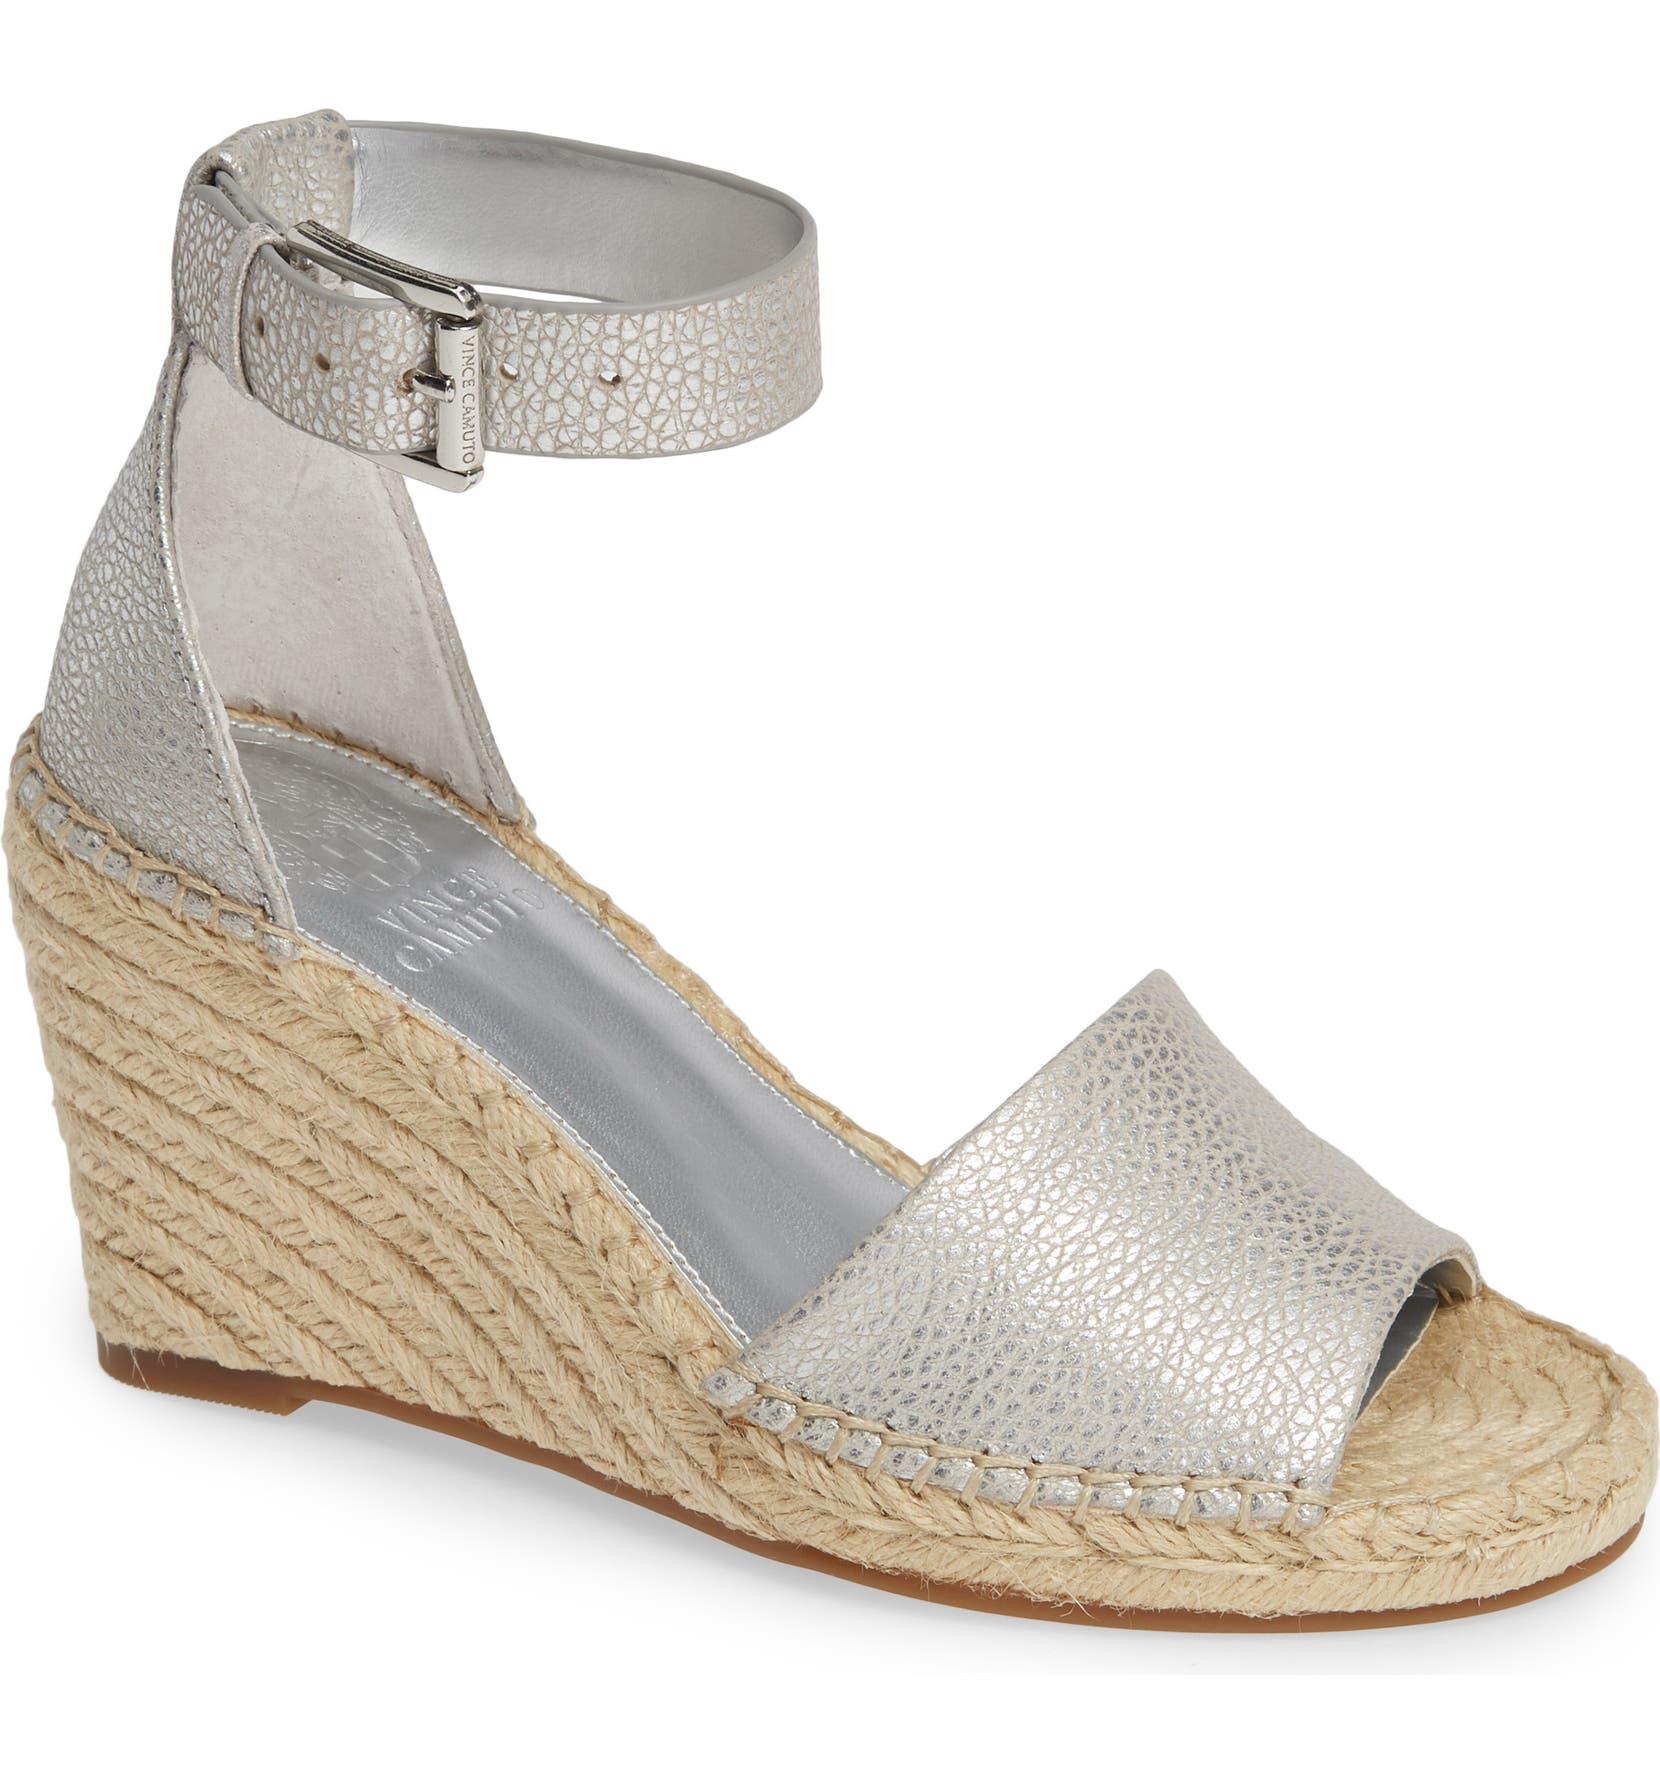 4421bbb9878 Leera Wedge Sandal